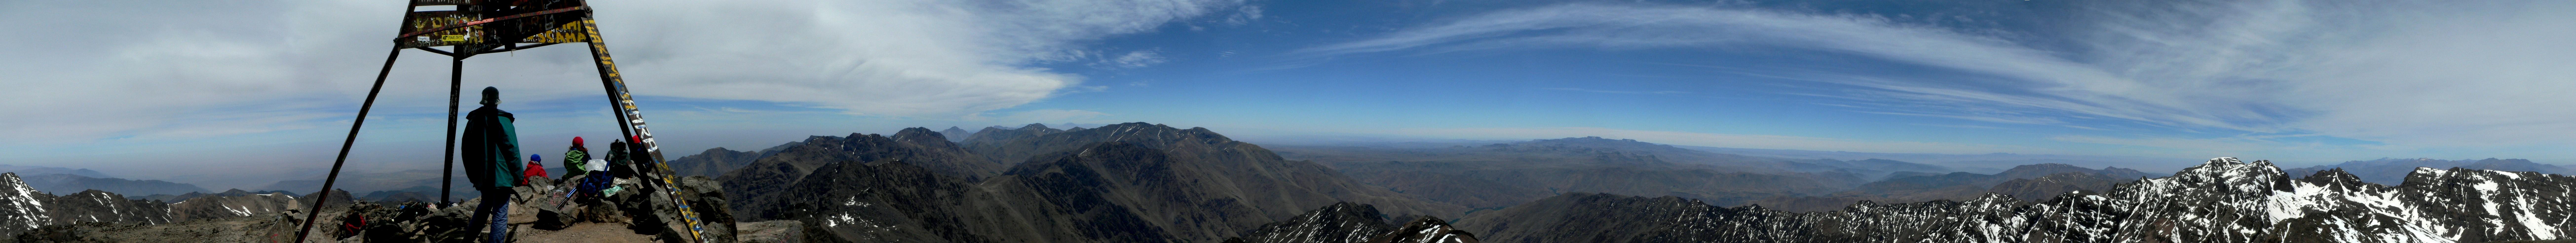 اكتشف المغرب في عشر دقائق  من أمواج الاندلس Jebel_Toubkal_summit_panorama